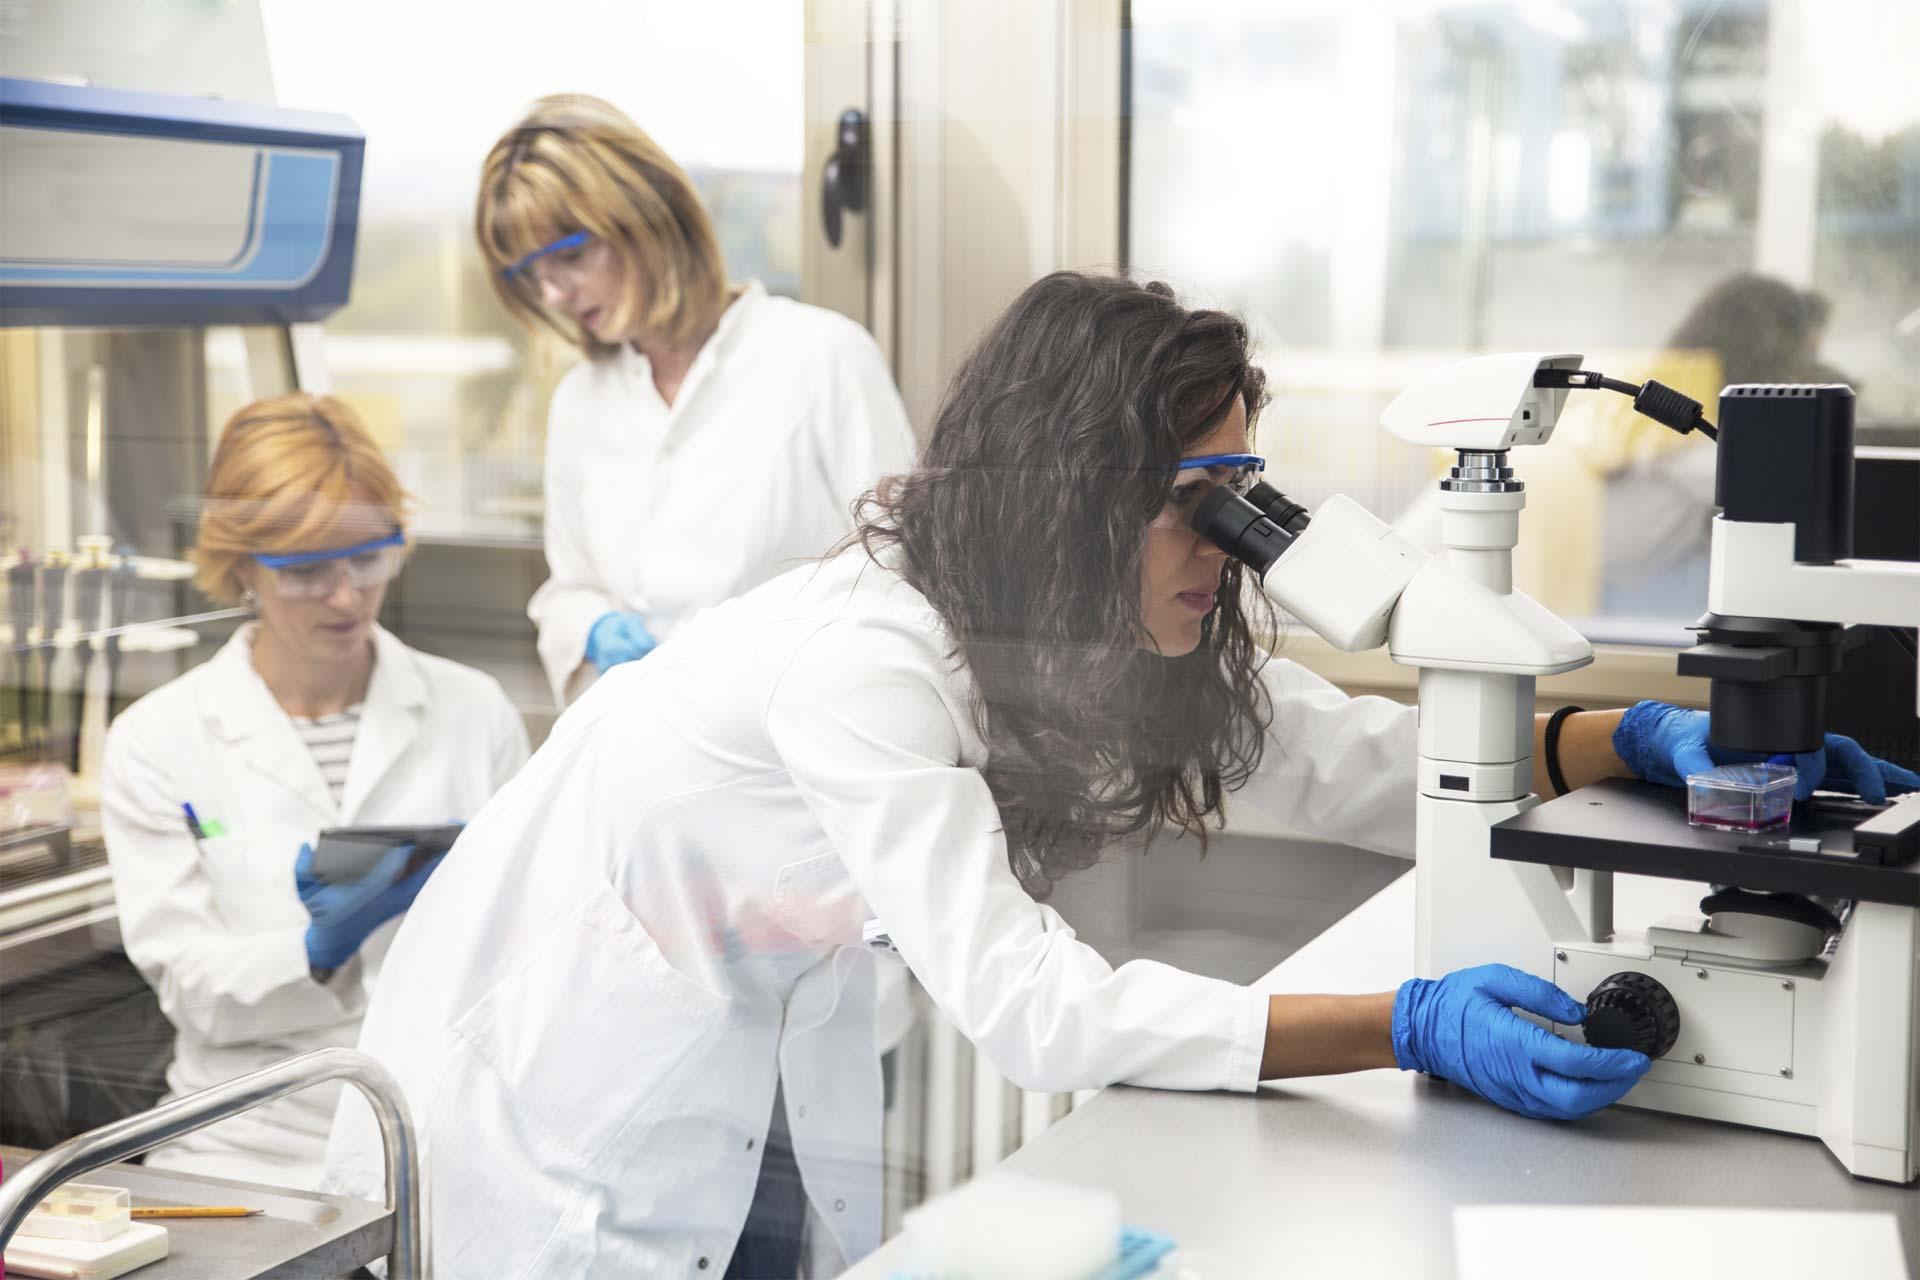 La interacción entre células y macromoléculas resulta clave para crear medicamentos contra enfermedades infecciosas